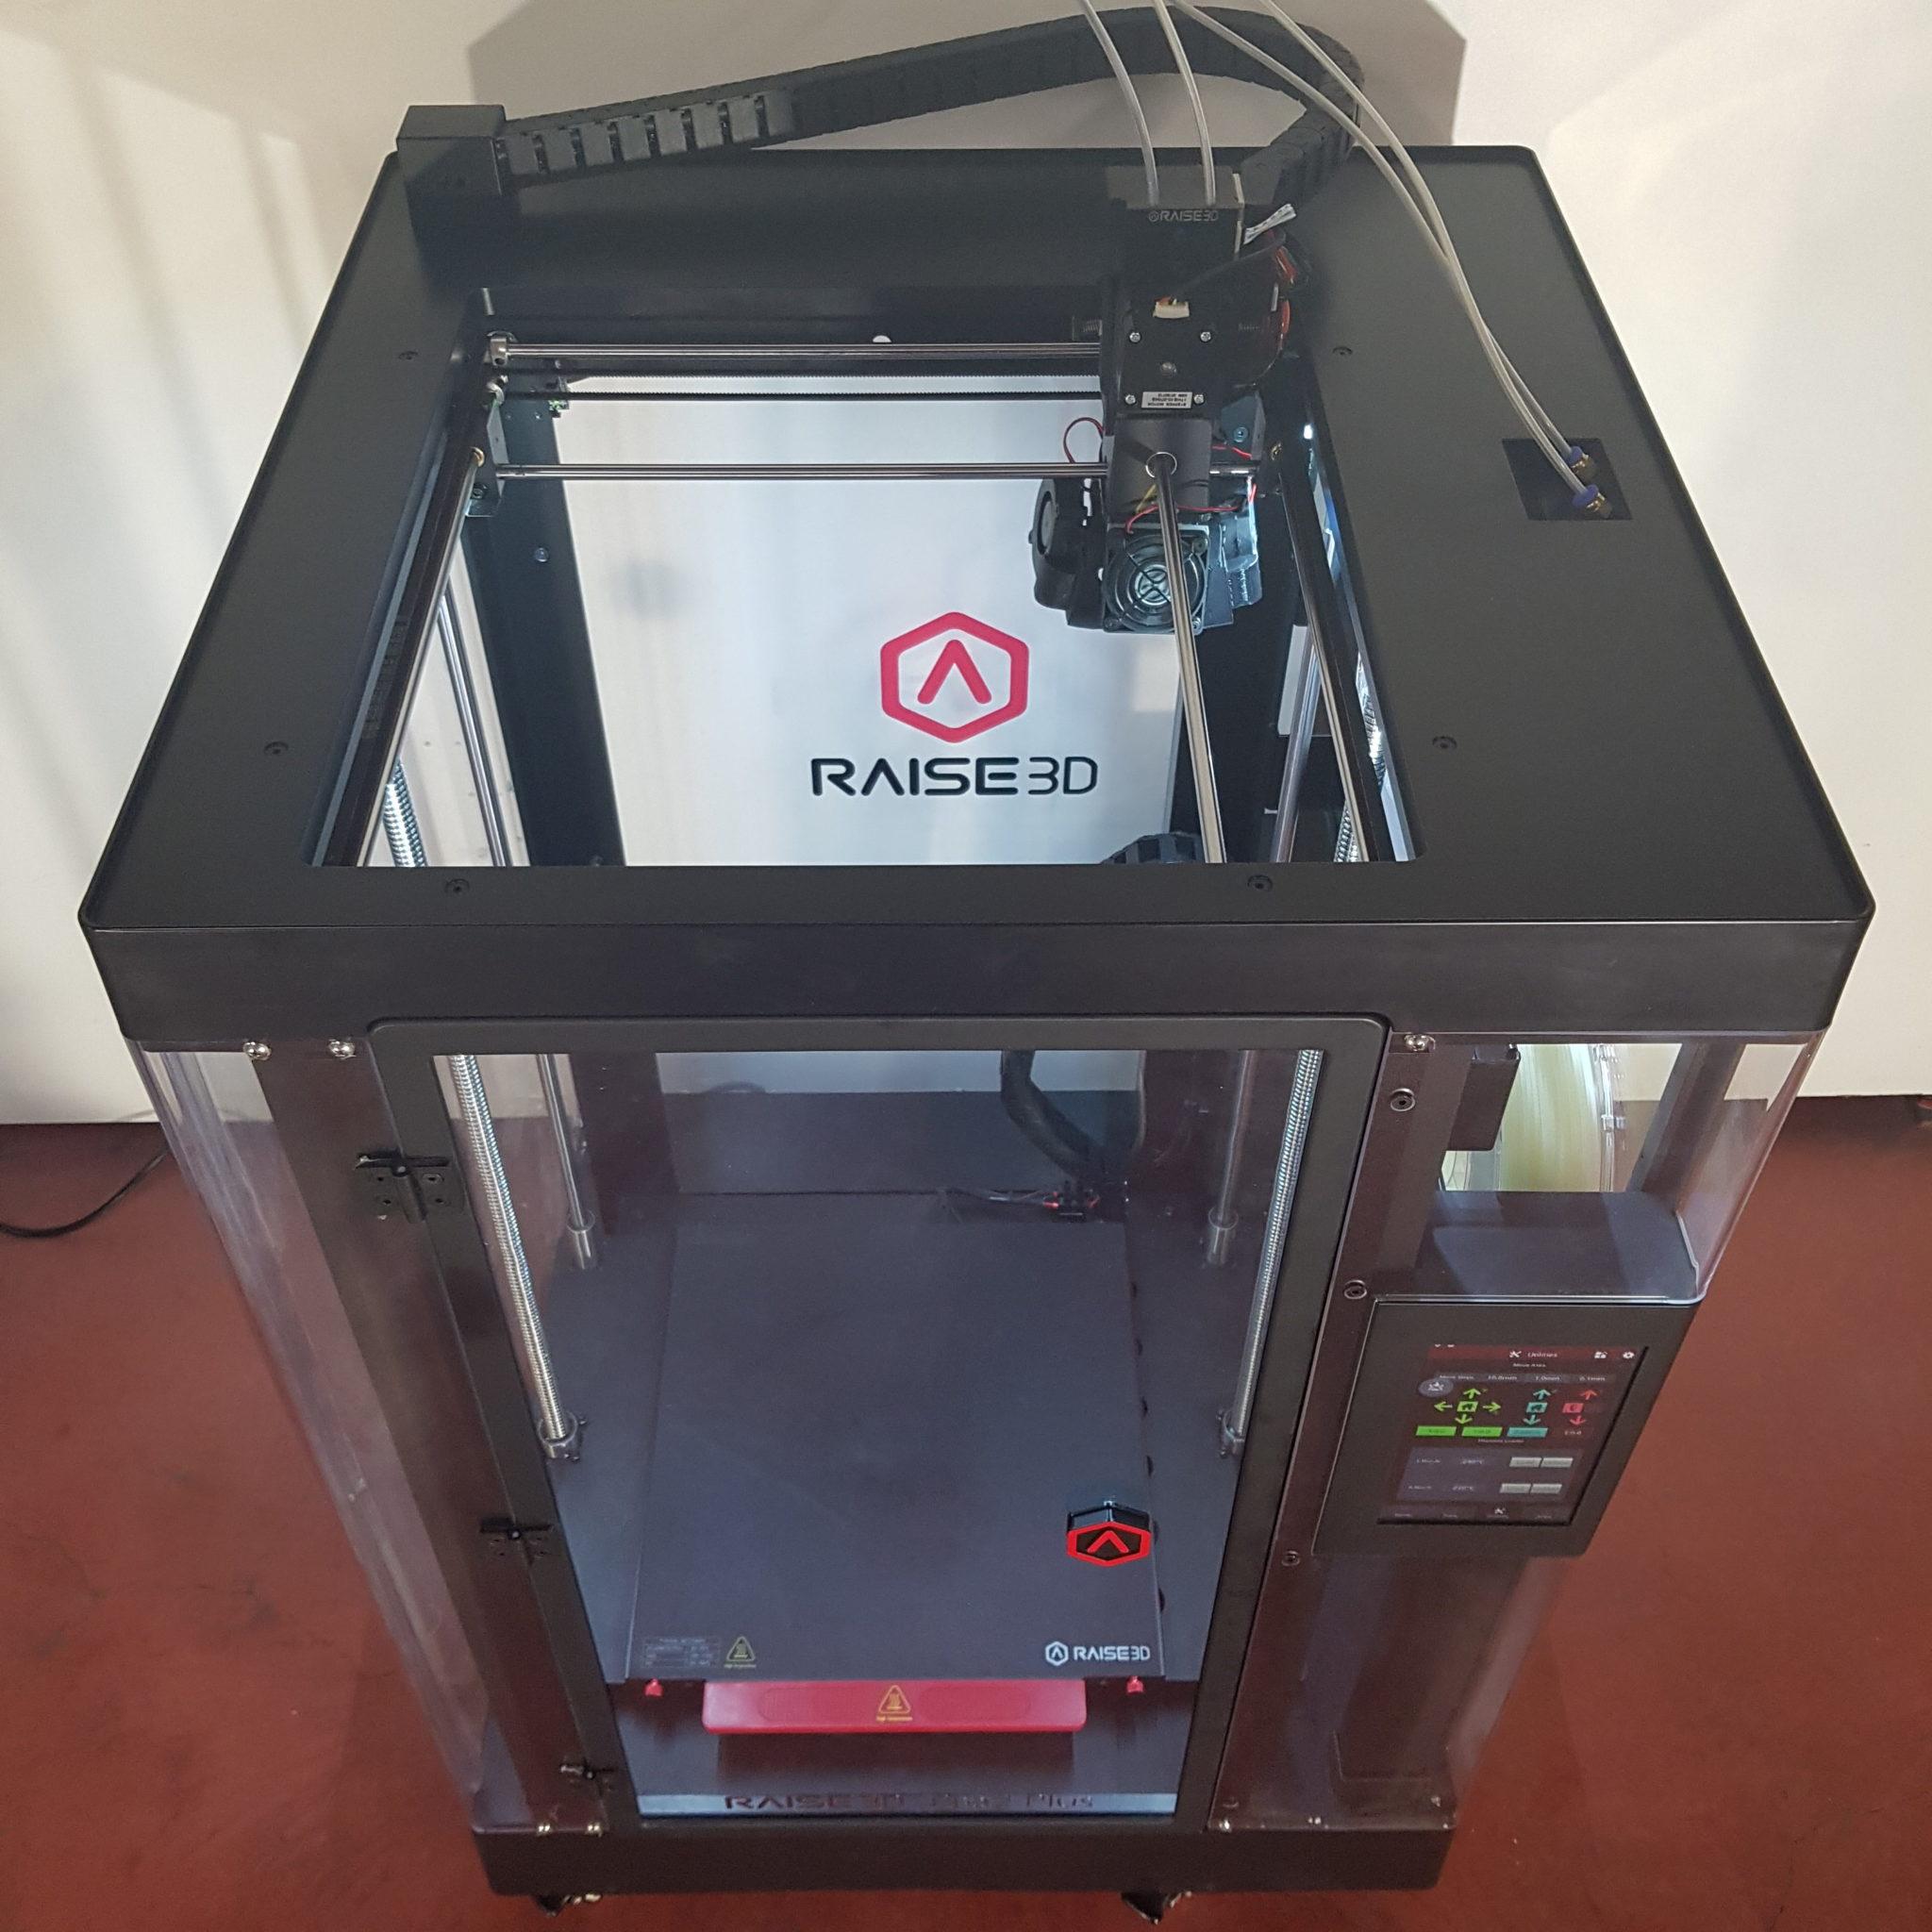 FDM Drucker mit komplett heruntergefahrenem Druckbett